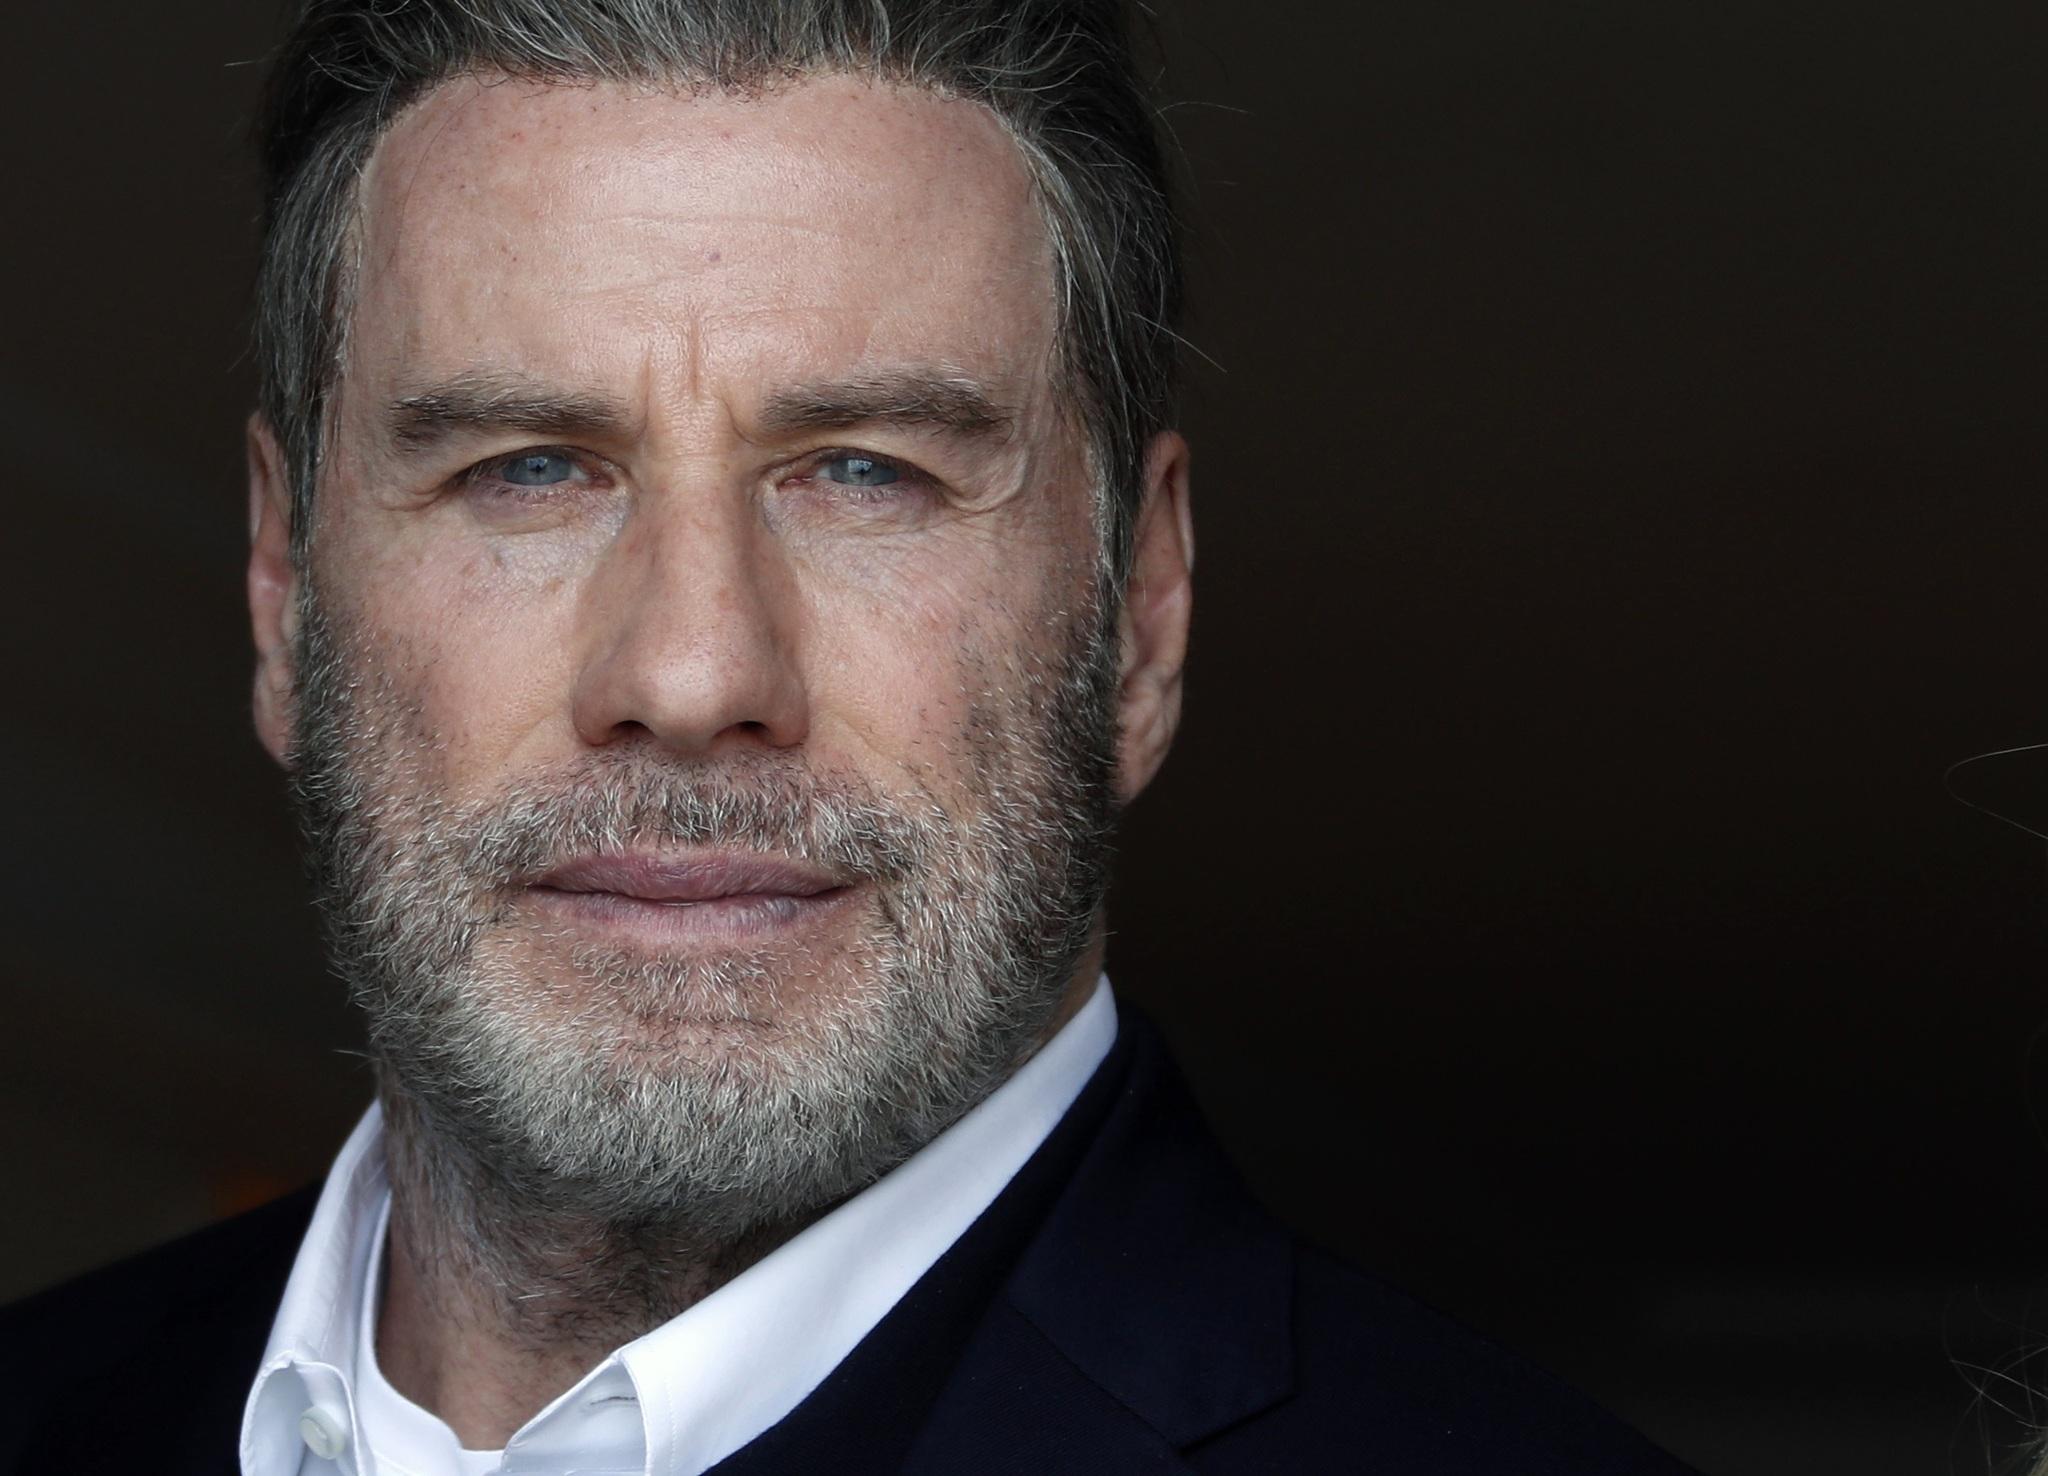 John Travolta no se acaba nunca. O no debería. En